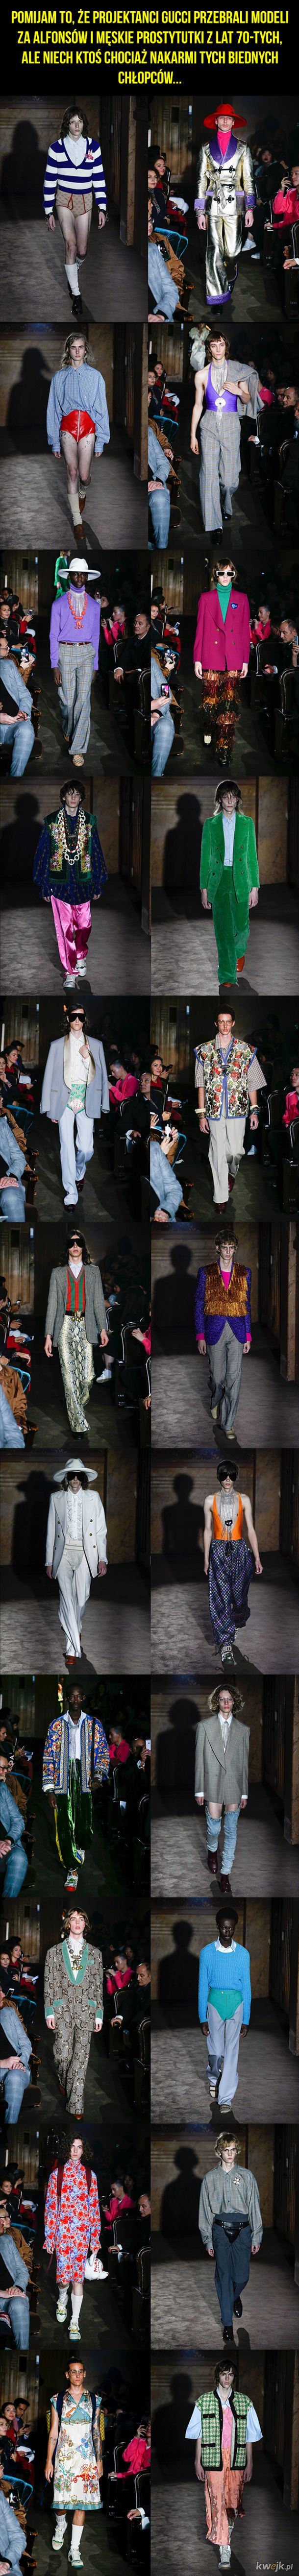 Moda męska według Gucci